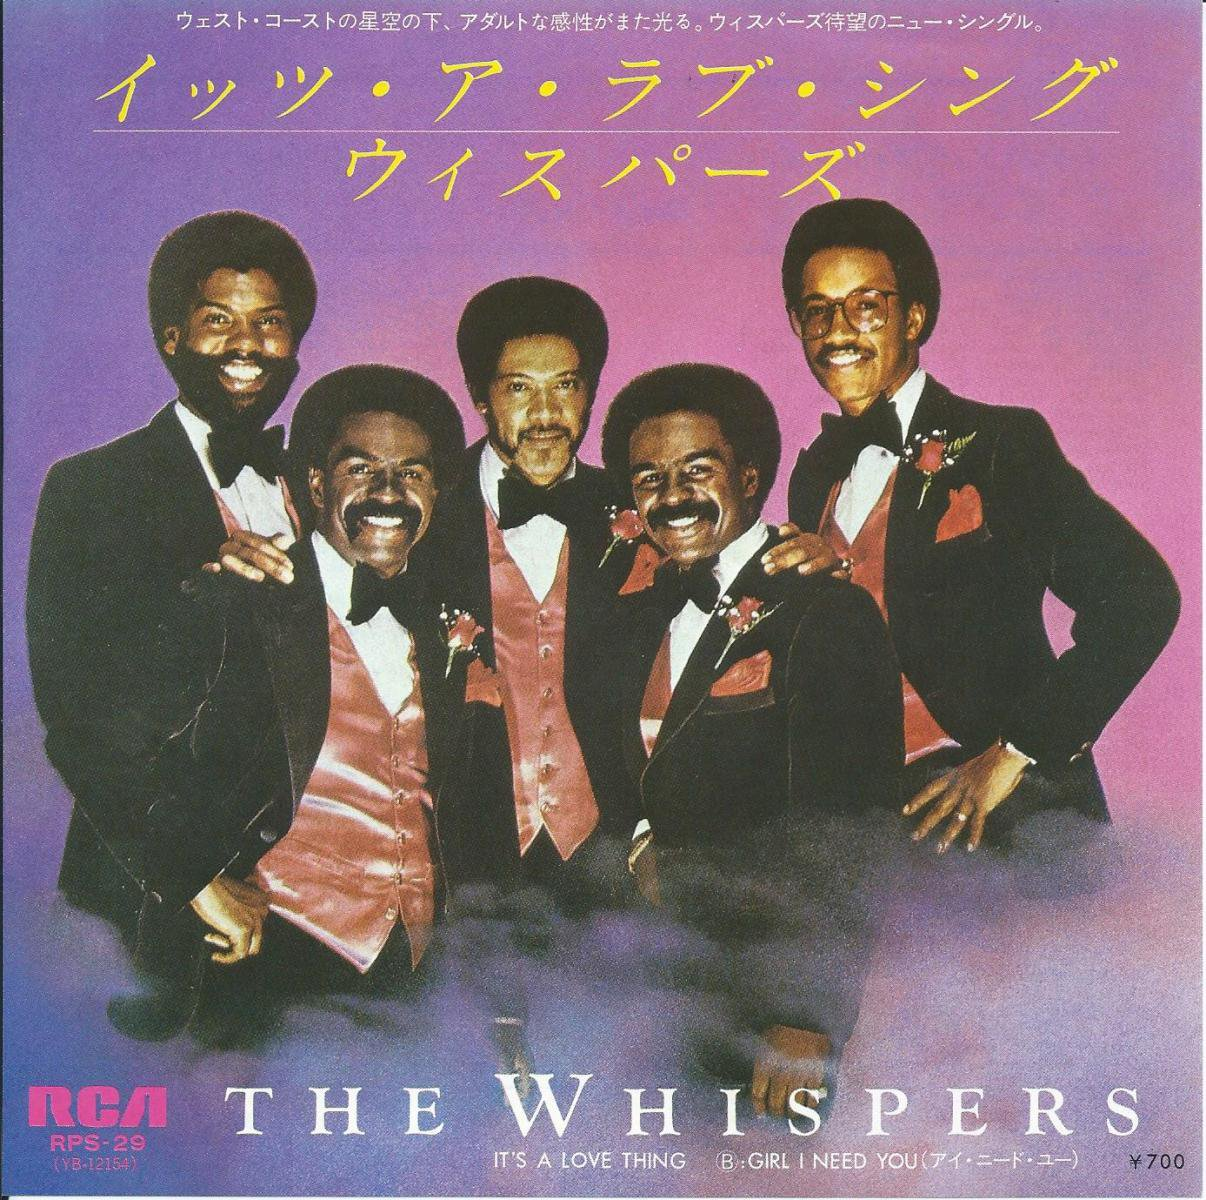 ウィスパーズ THE WHISPERS / イッツ・ア・ラブ・シング IT'S A LOVE THING / アイ・ニード・ユー GIRL I NEED YOU (7